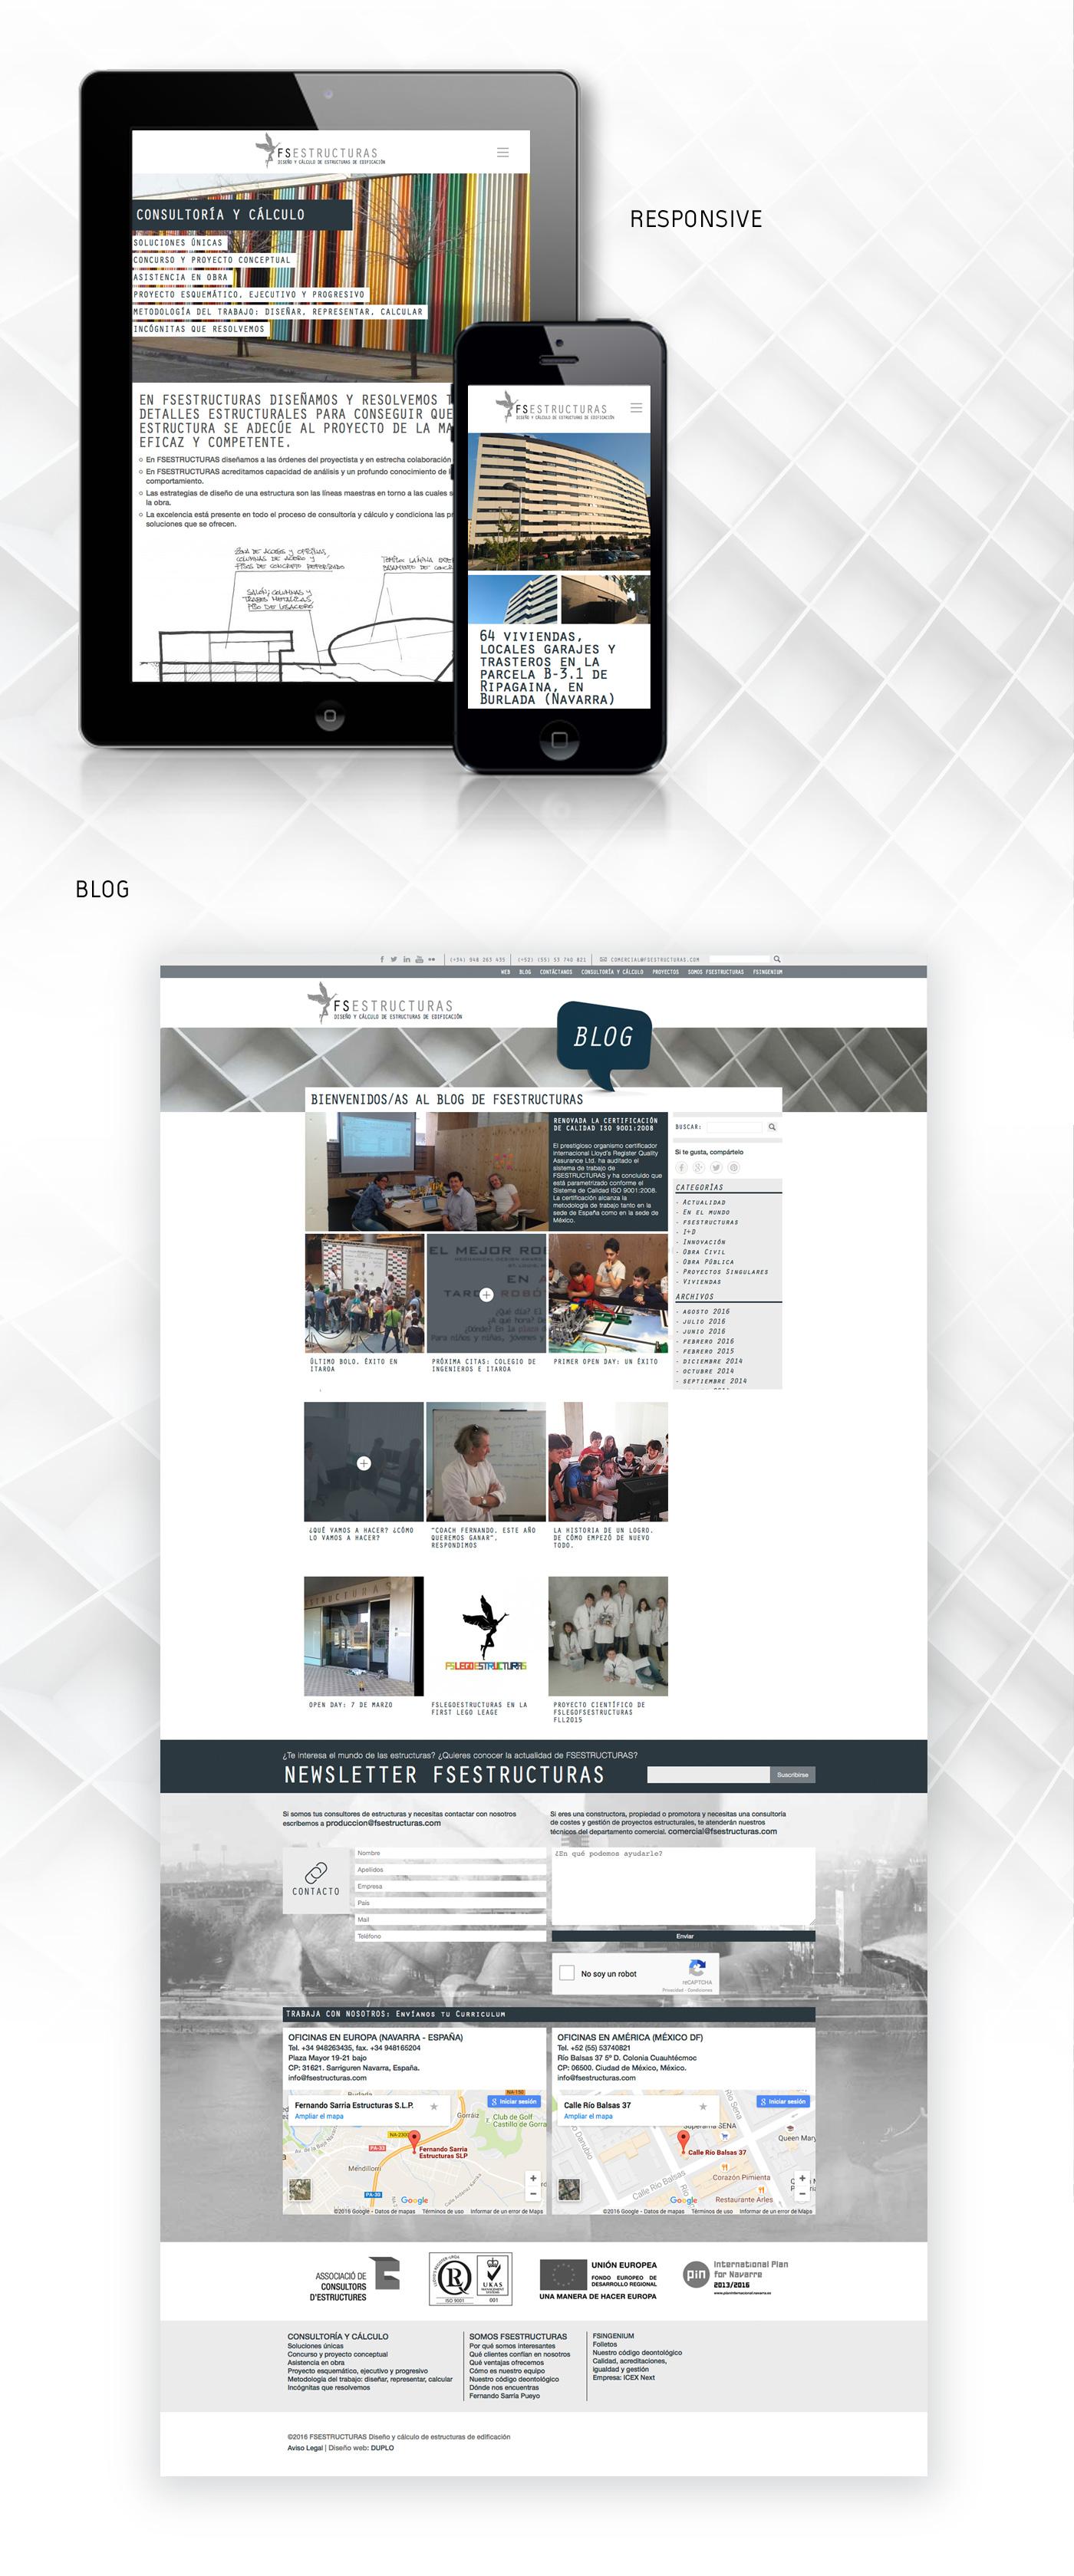 Diseño web responsive y posicionamiento